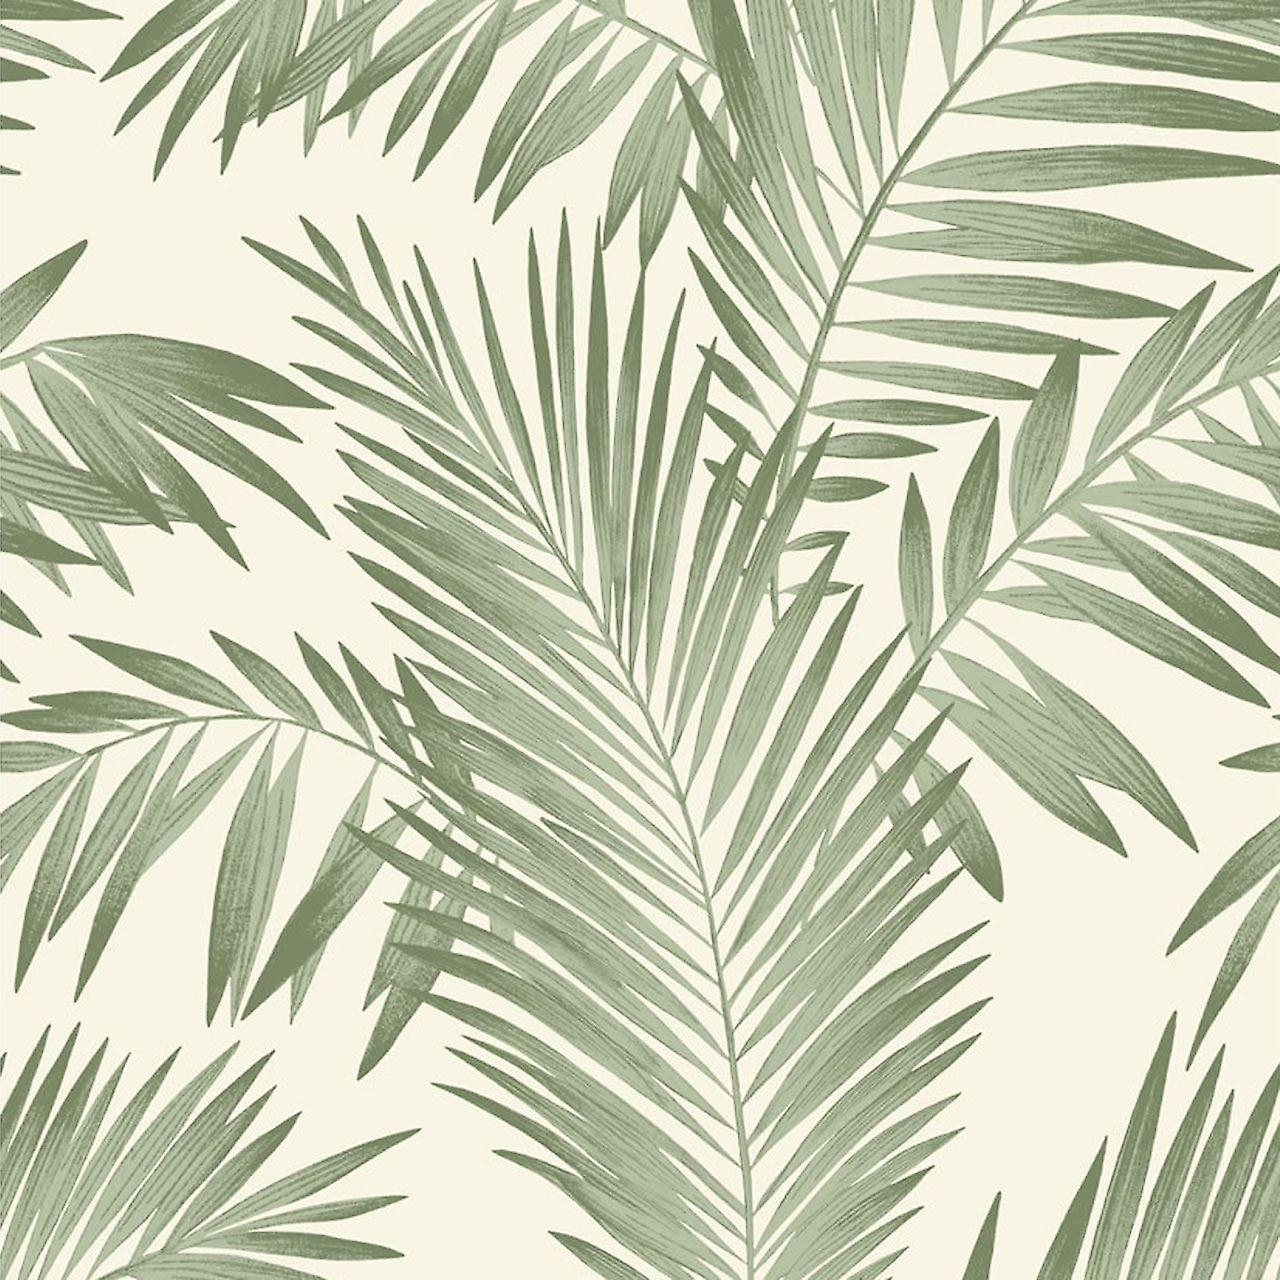 Arthouse Palmiers tropicaux arbre blanc papier peint vert feuilles feuilles luxe poids Arthouse